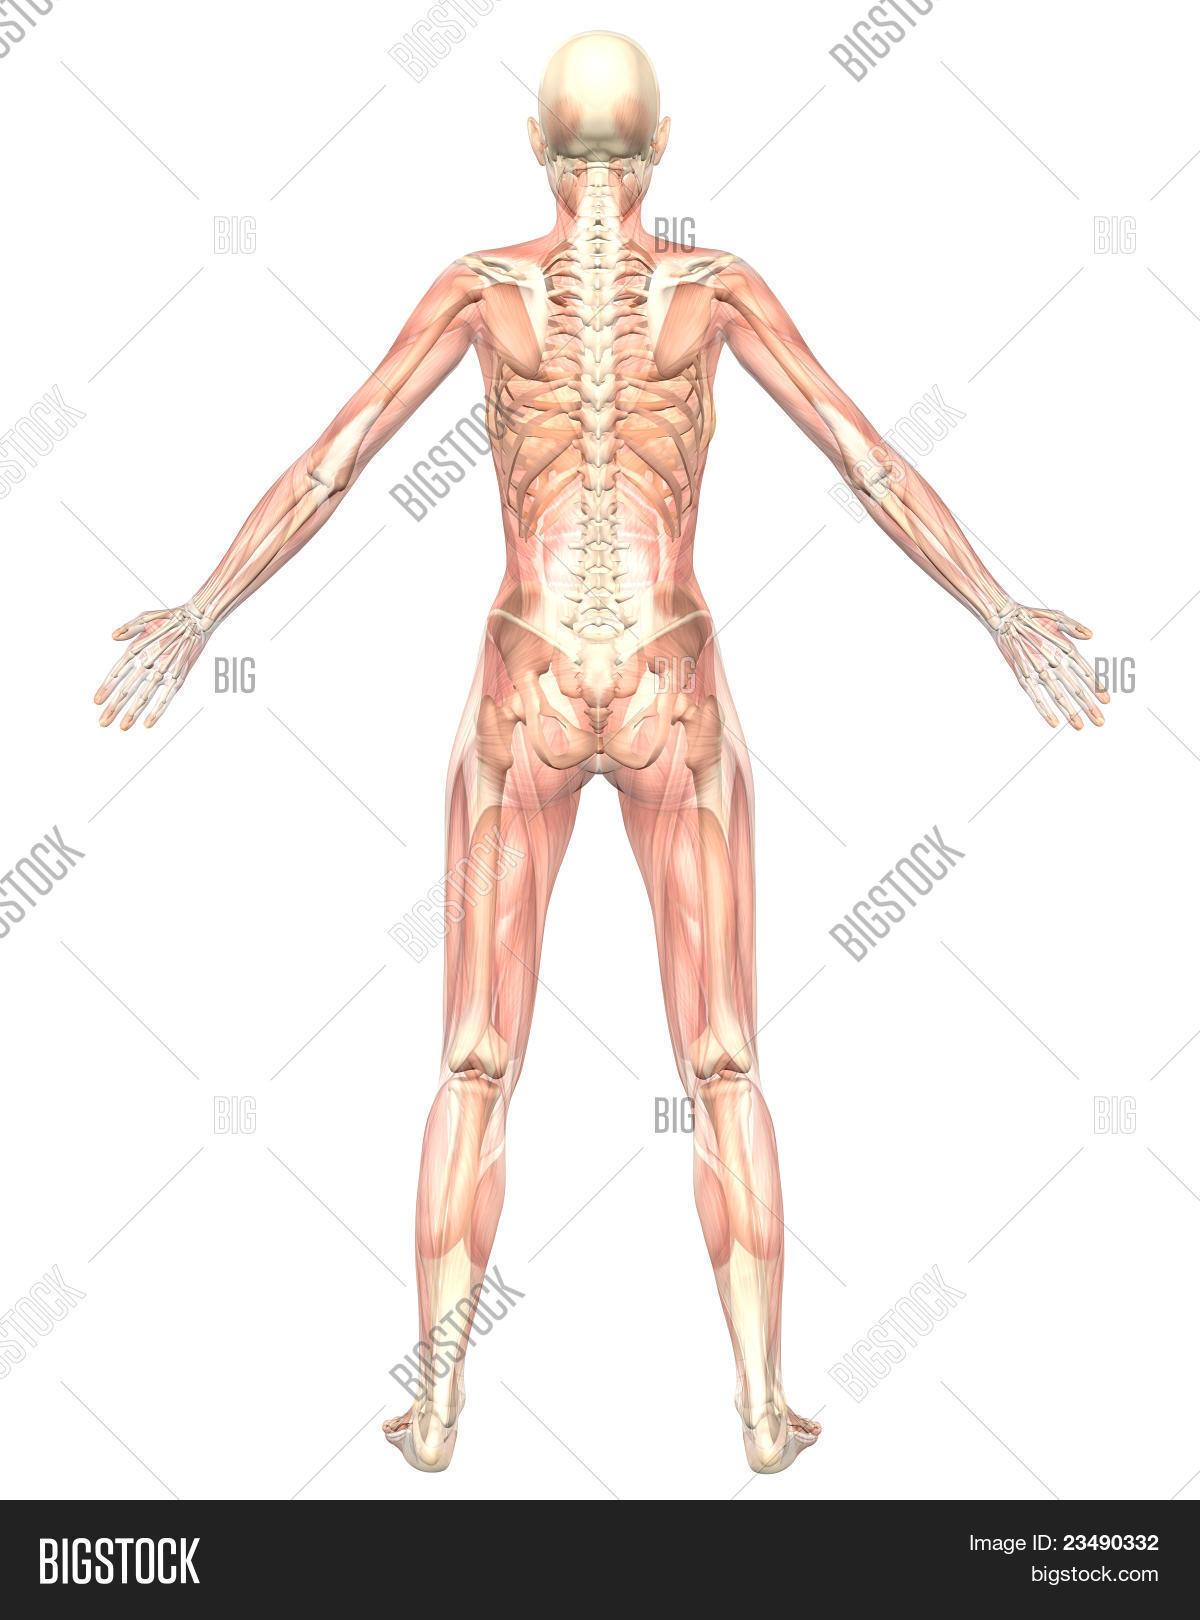 Imagen y foto Anatomí Muscular (prueba gratis) | Bigstock